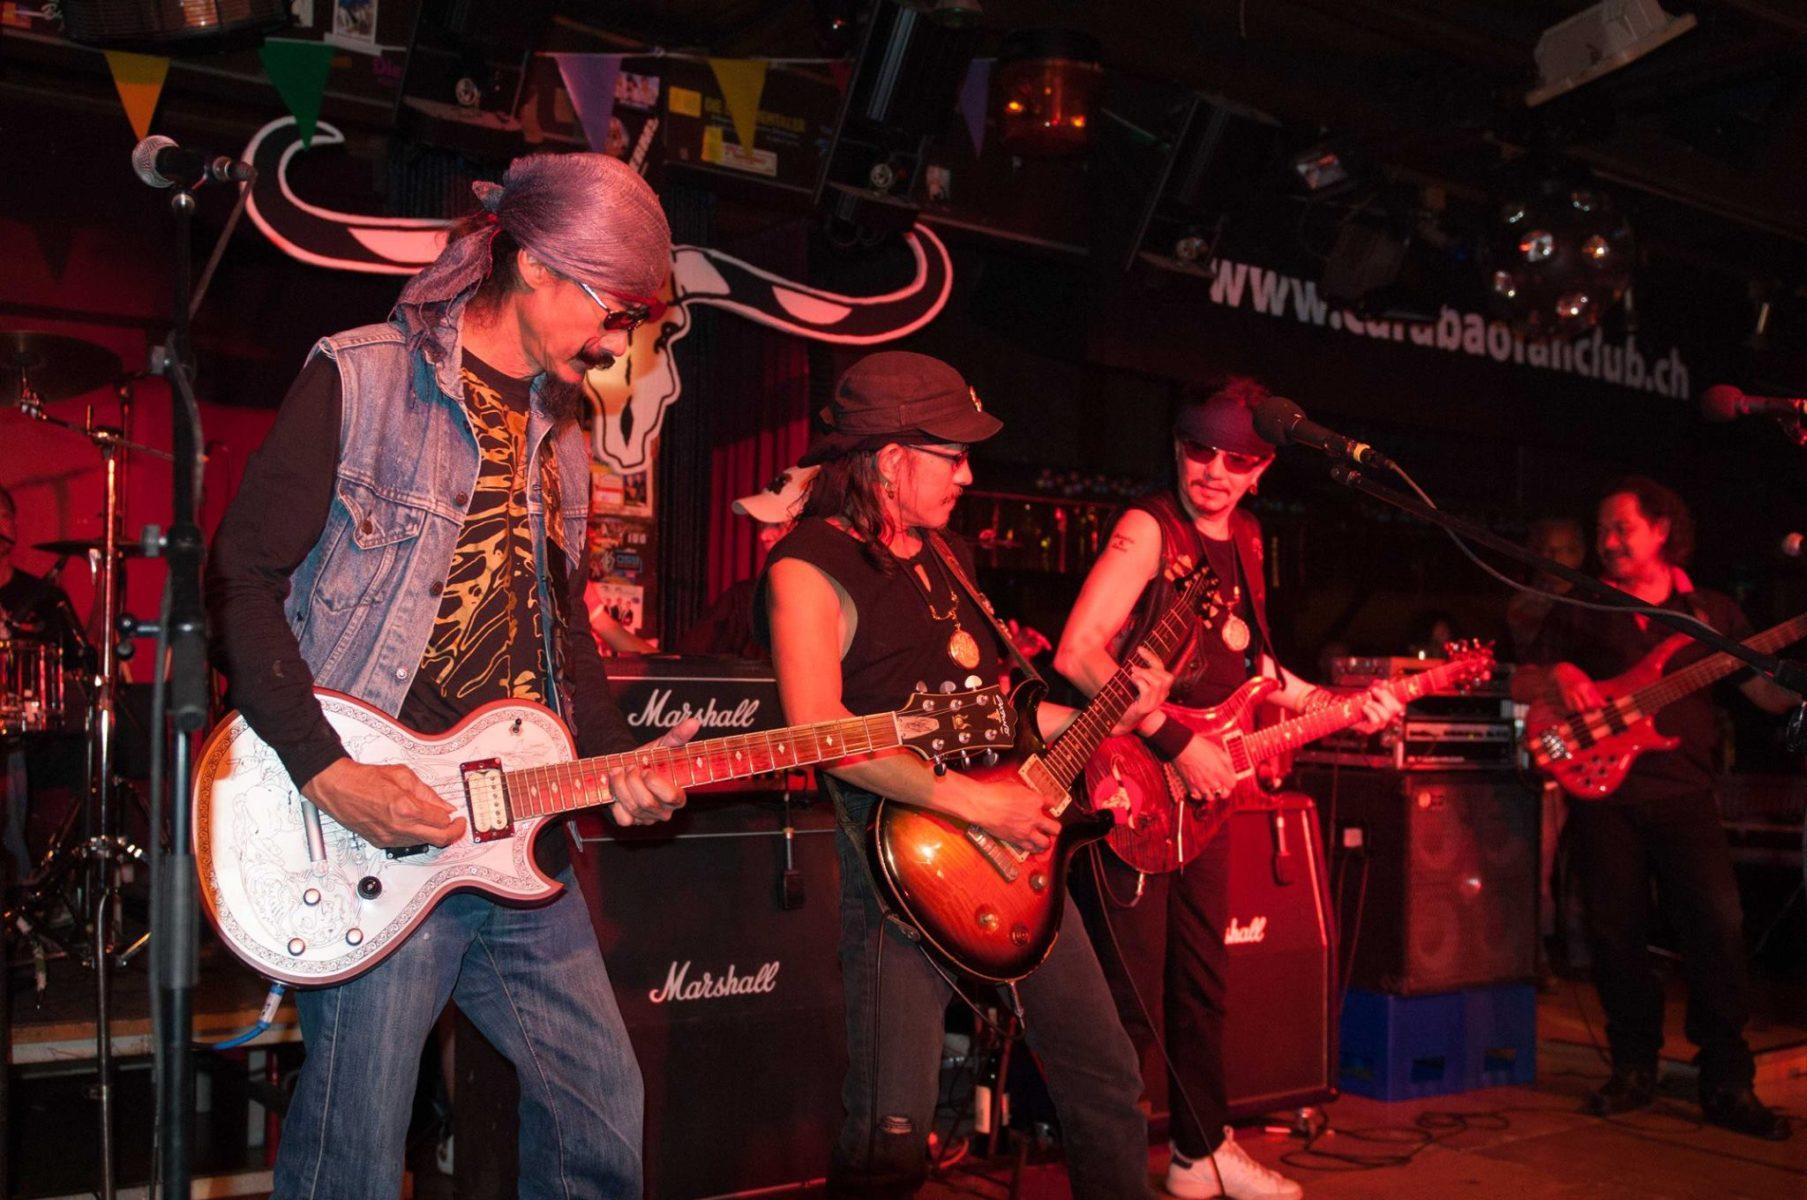 Die Band Carabao am 6. Juni 2008 in der Schweiz © Pierre Theze, CC BY-SA 3.0